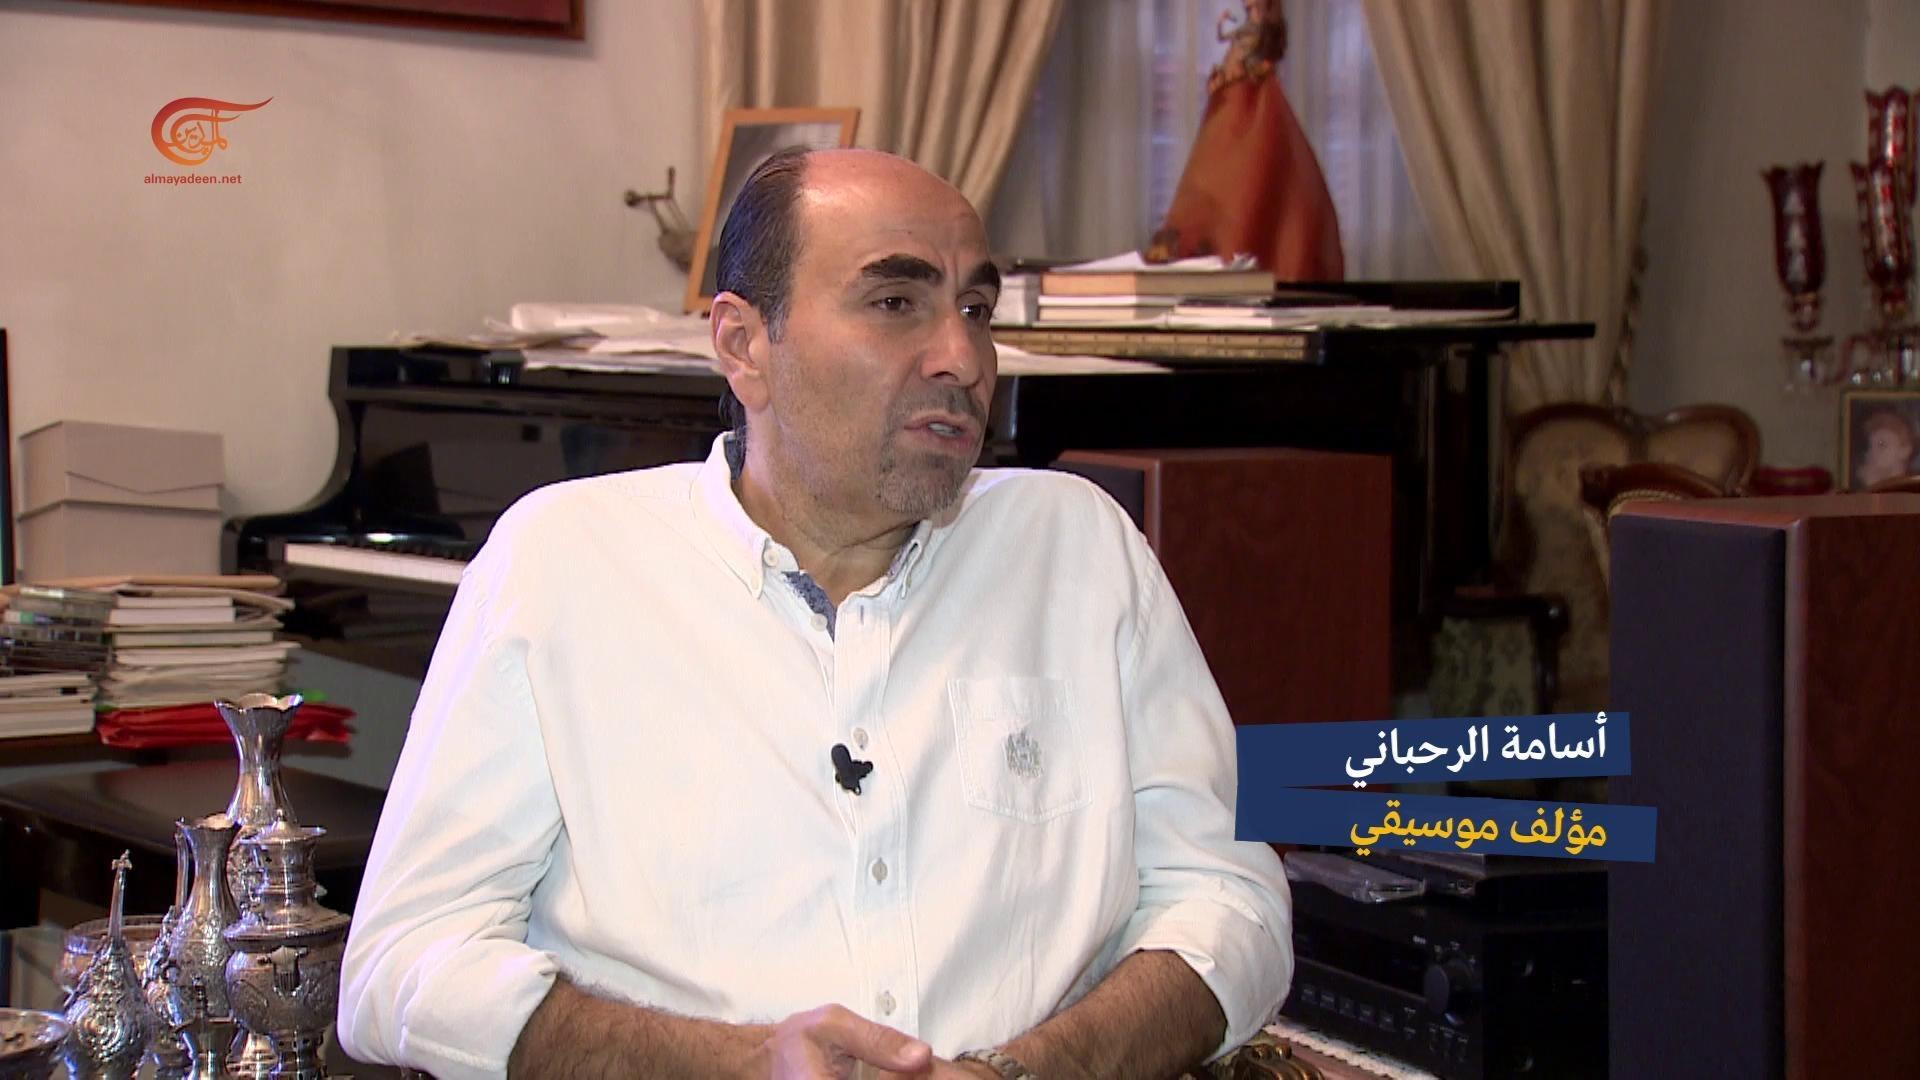 الموسيقي أسامة الرحباني لـ الميادين نت: واقعنا الراهن يحول دون جباية كامل حقوق الفنانين